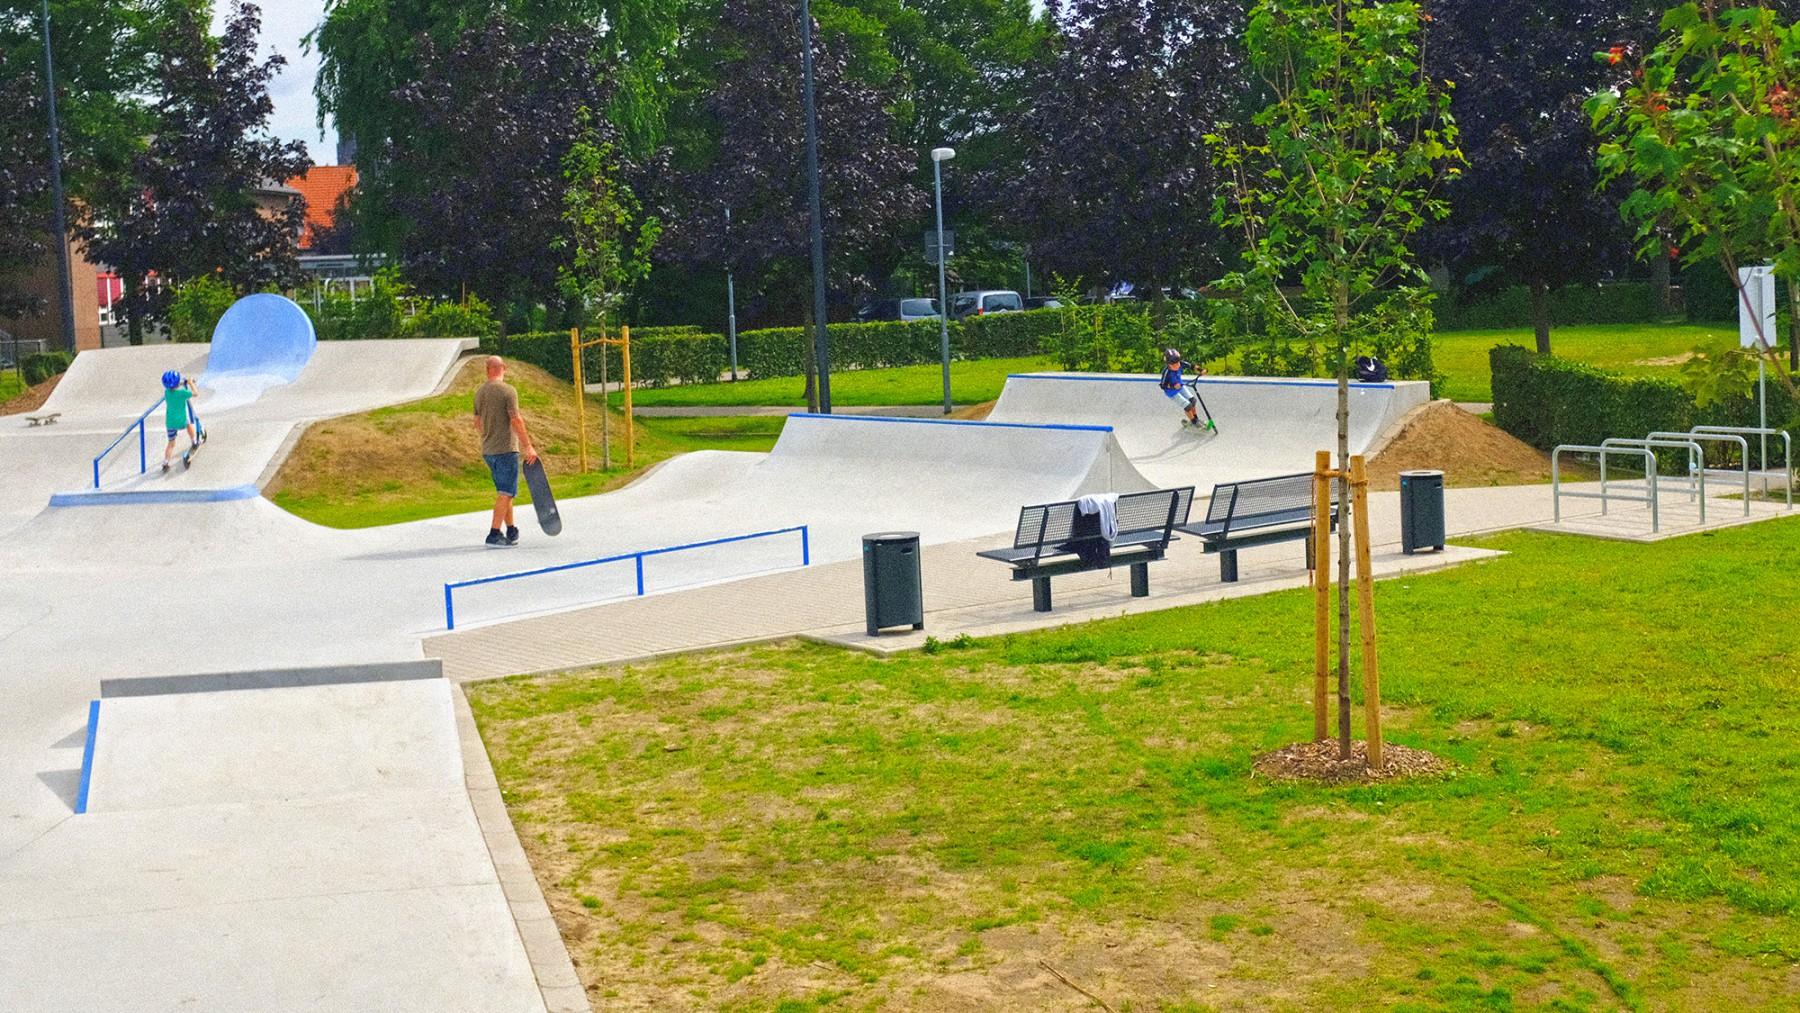 1_Kevelaer_Skatepark_fertig_Gallerie_04